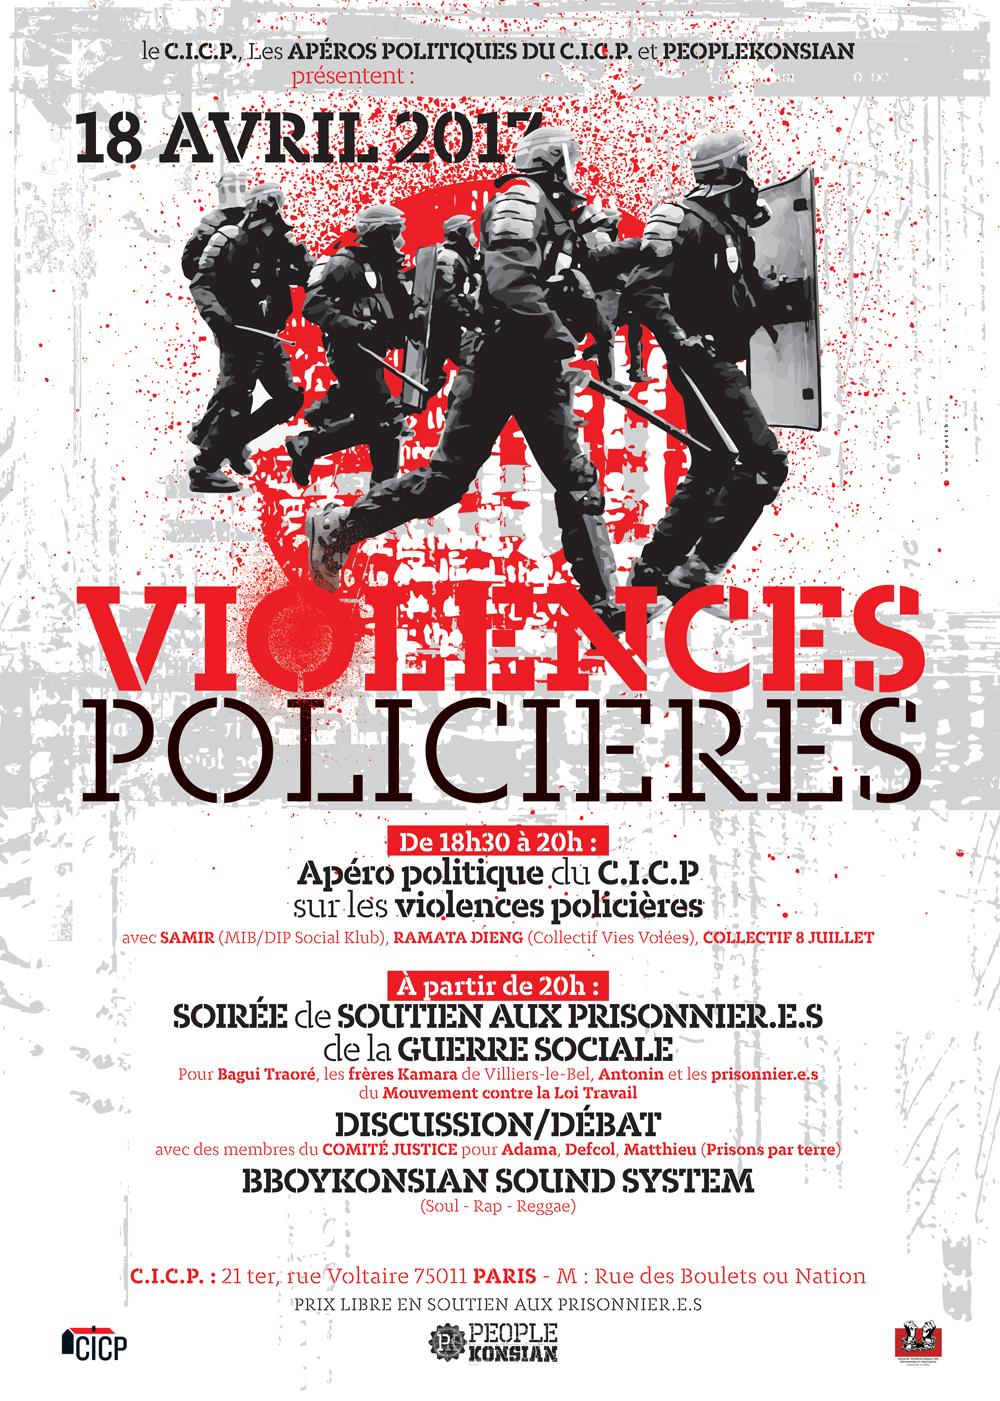 Soirée de soutien aux prisonnier.e.s de la guerre sociale à Paris le 18 avril 2017